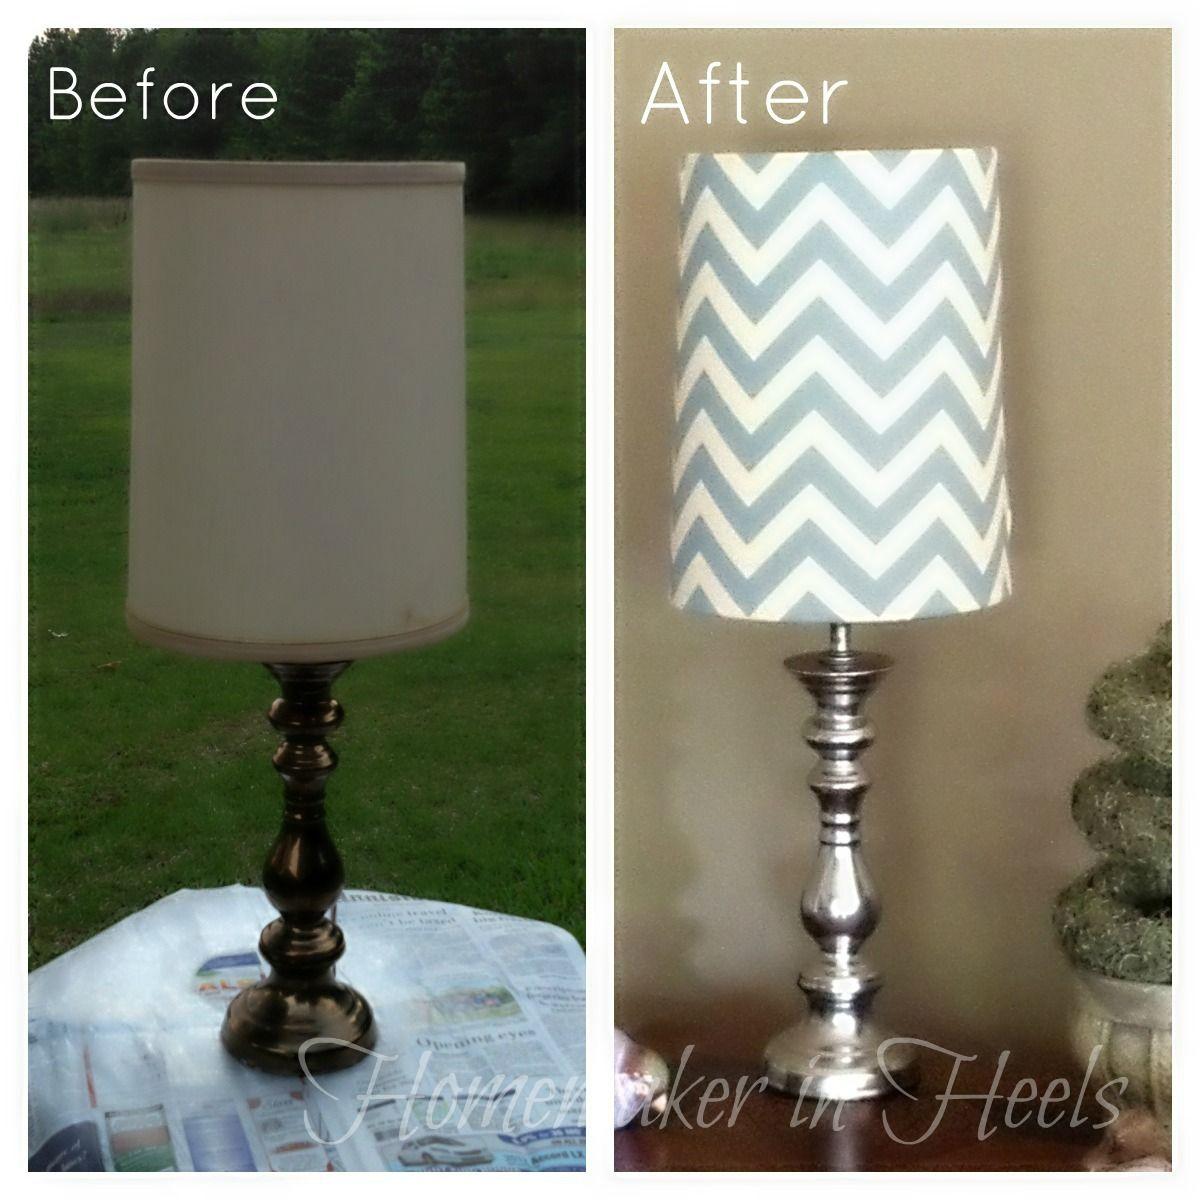 die besten 25 renovierung von lampen ideen auf pinterest renovierung von lampenschirmen. Black Bedroom Furniture Sets. Home Design Ideas